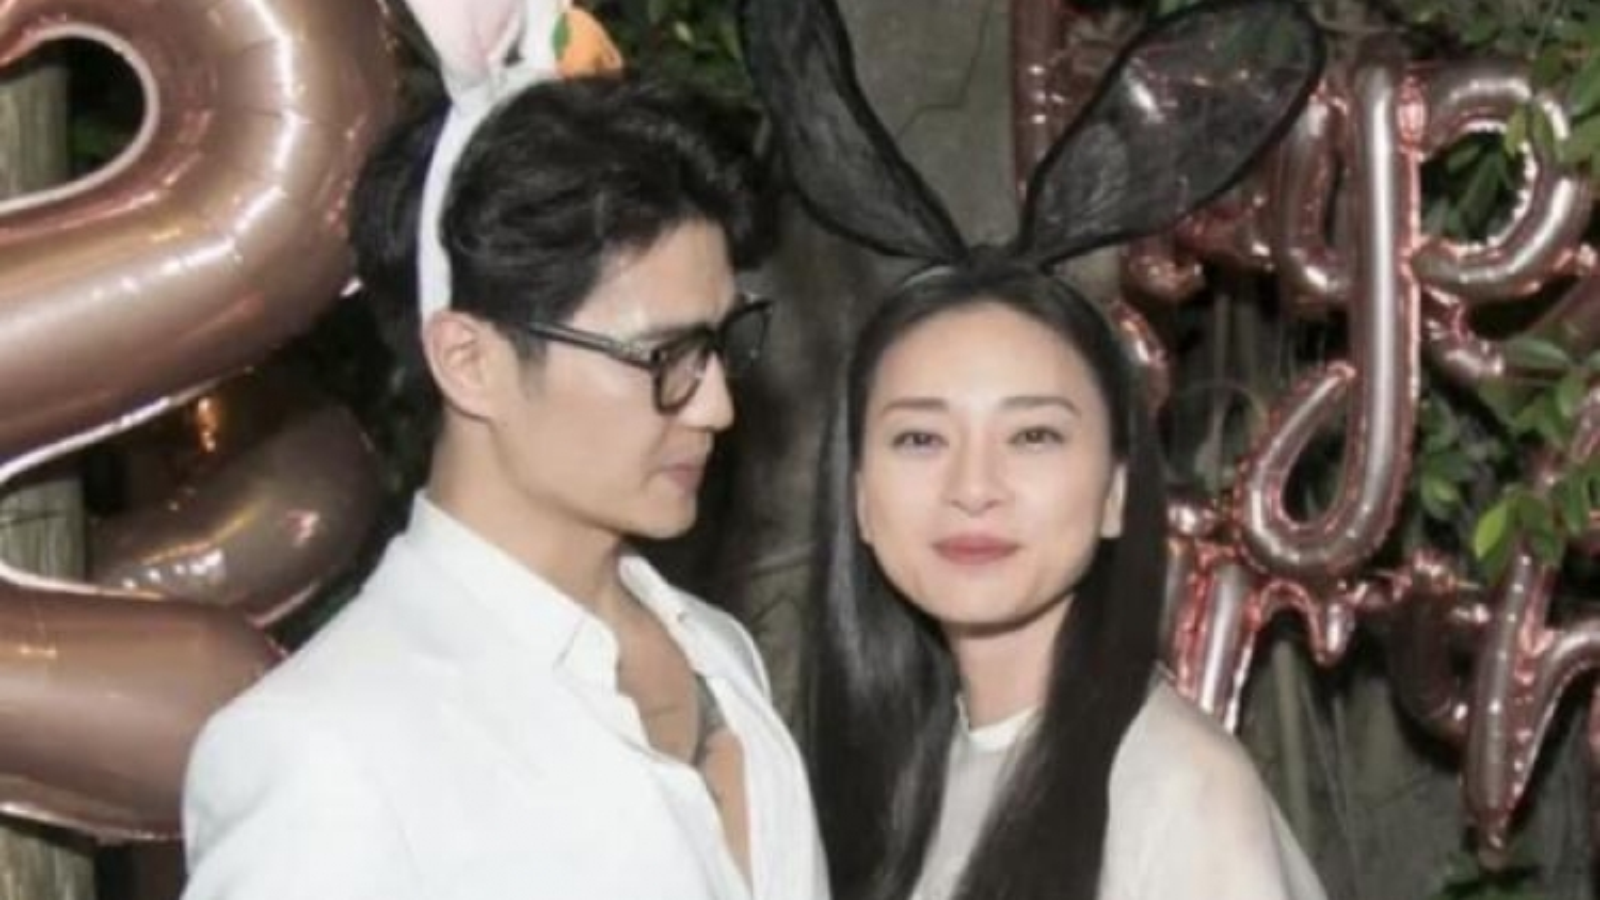 Chuyện showbiz: Ngô Thanh Vân khoe được bạn trai CEO chăm sóc chu đáo, ngọt ngào